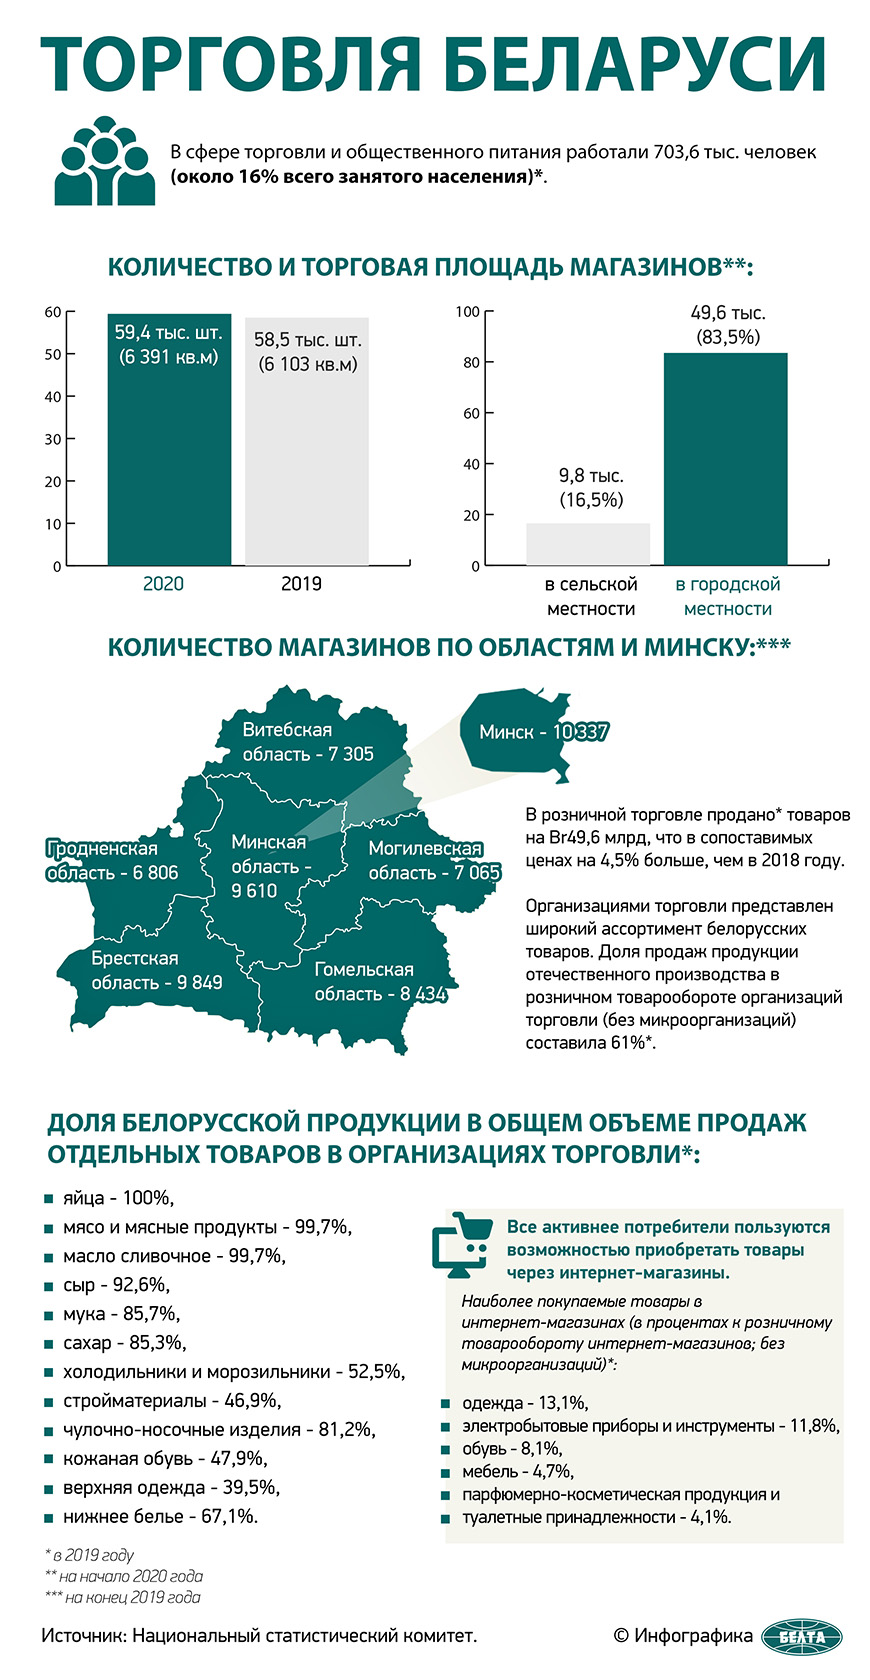 Торговля Беларуси